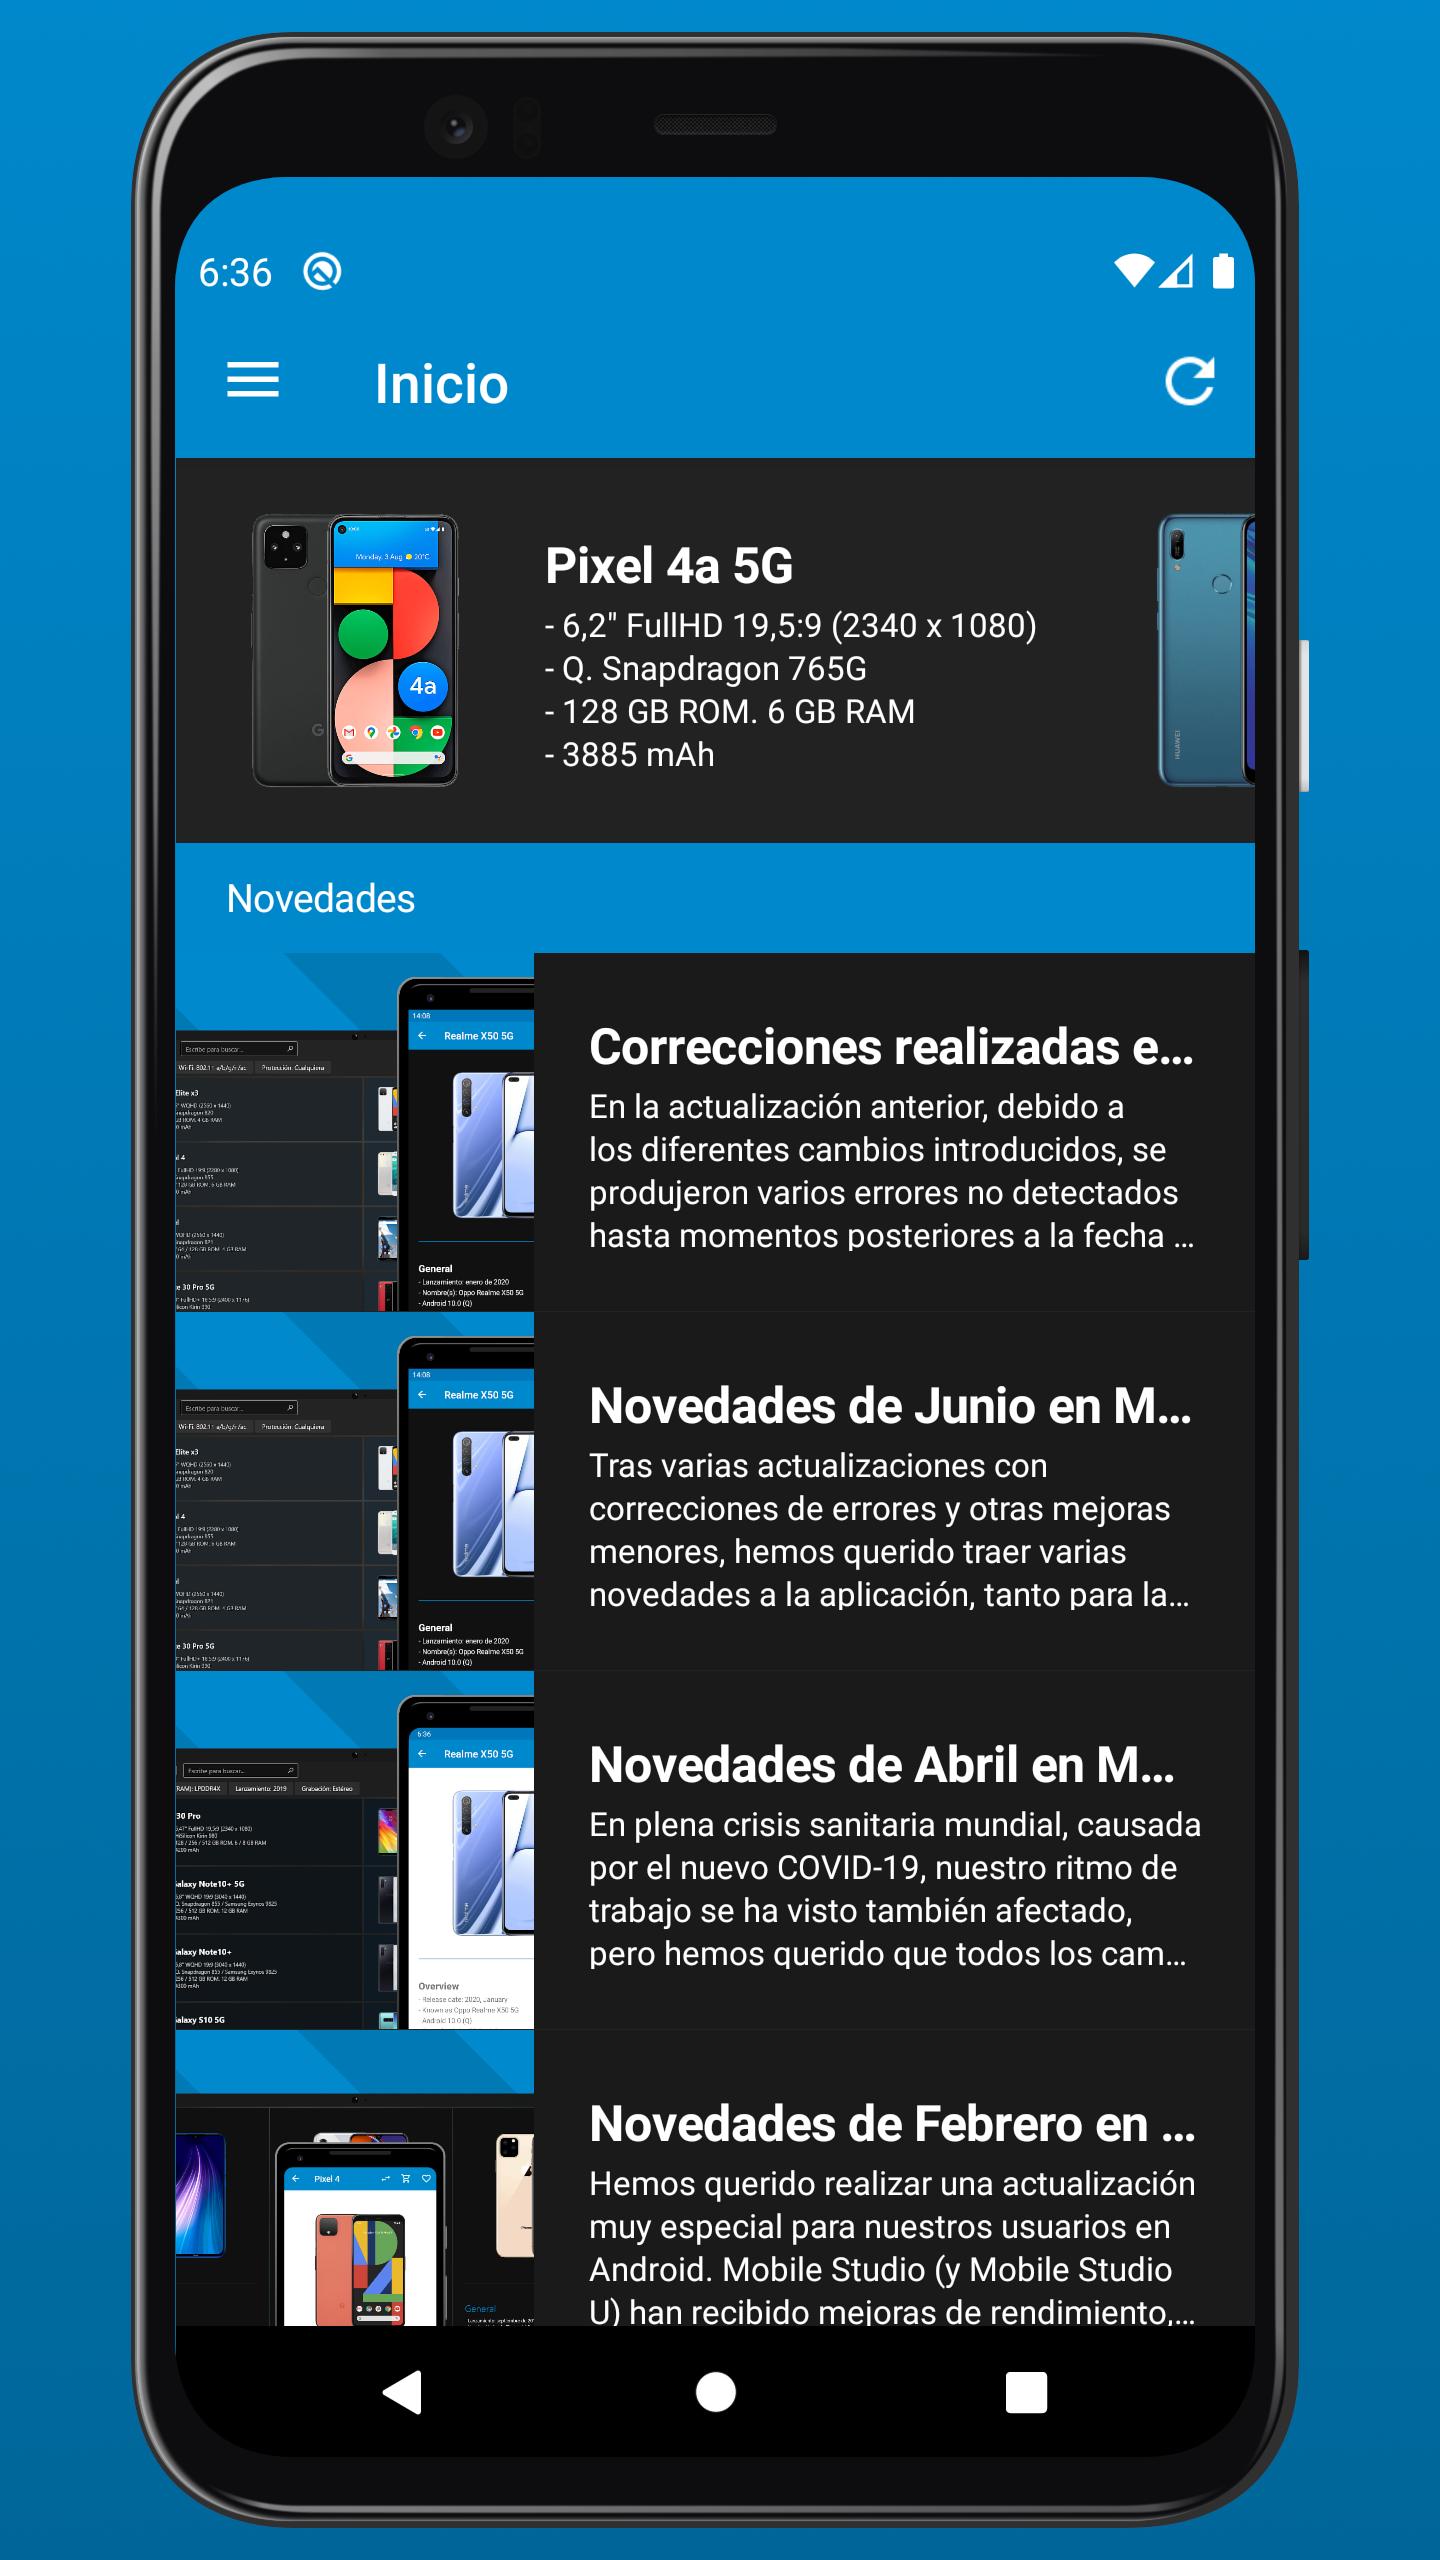 https://uares.blob.core.windows.net/app-mobilestudio/MobileStudio_And_ES_1.png